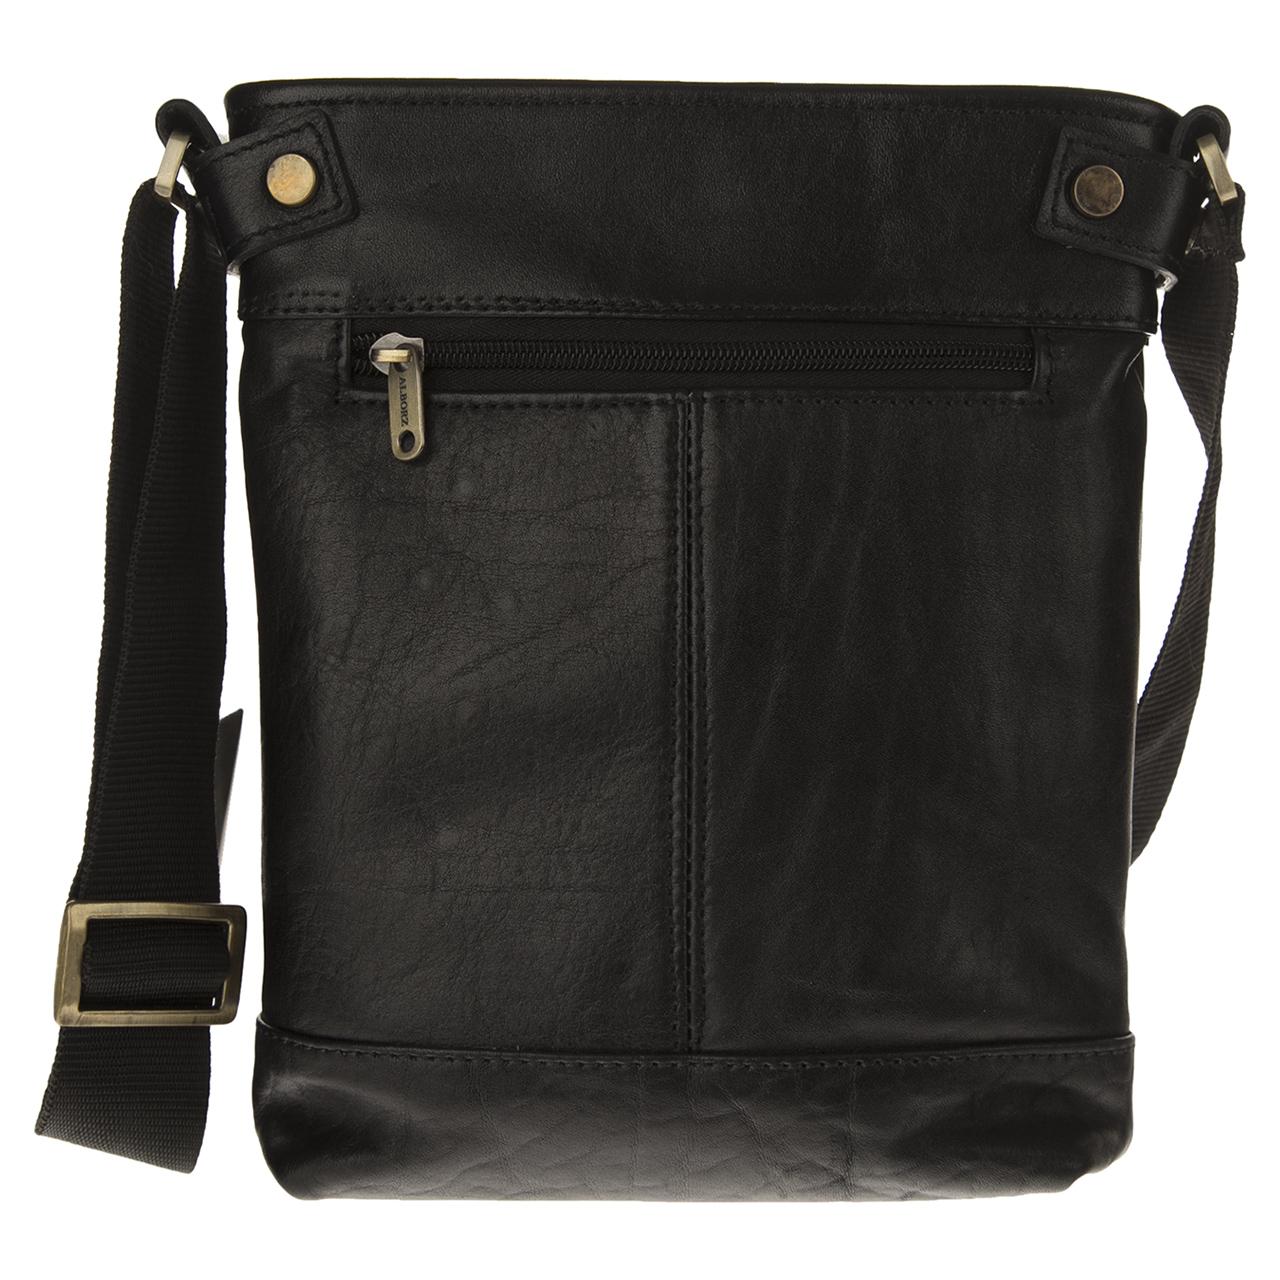 قیمت کیف دوشی چرم طبیعی مدل 3